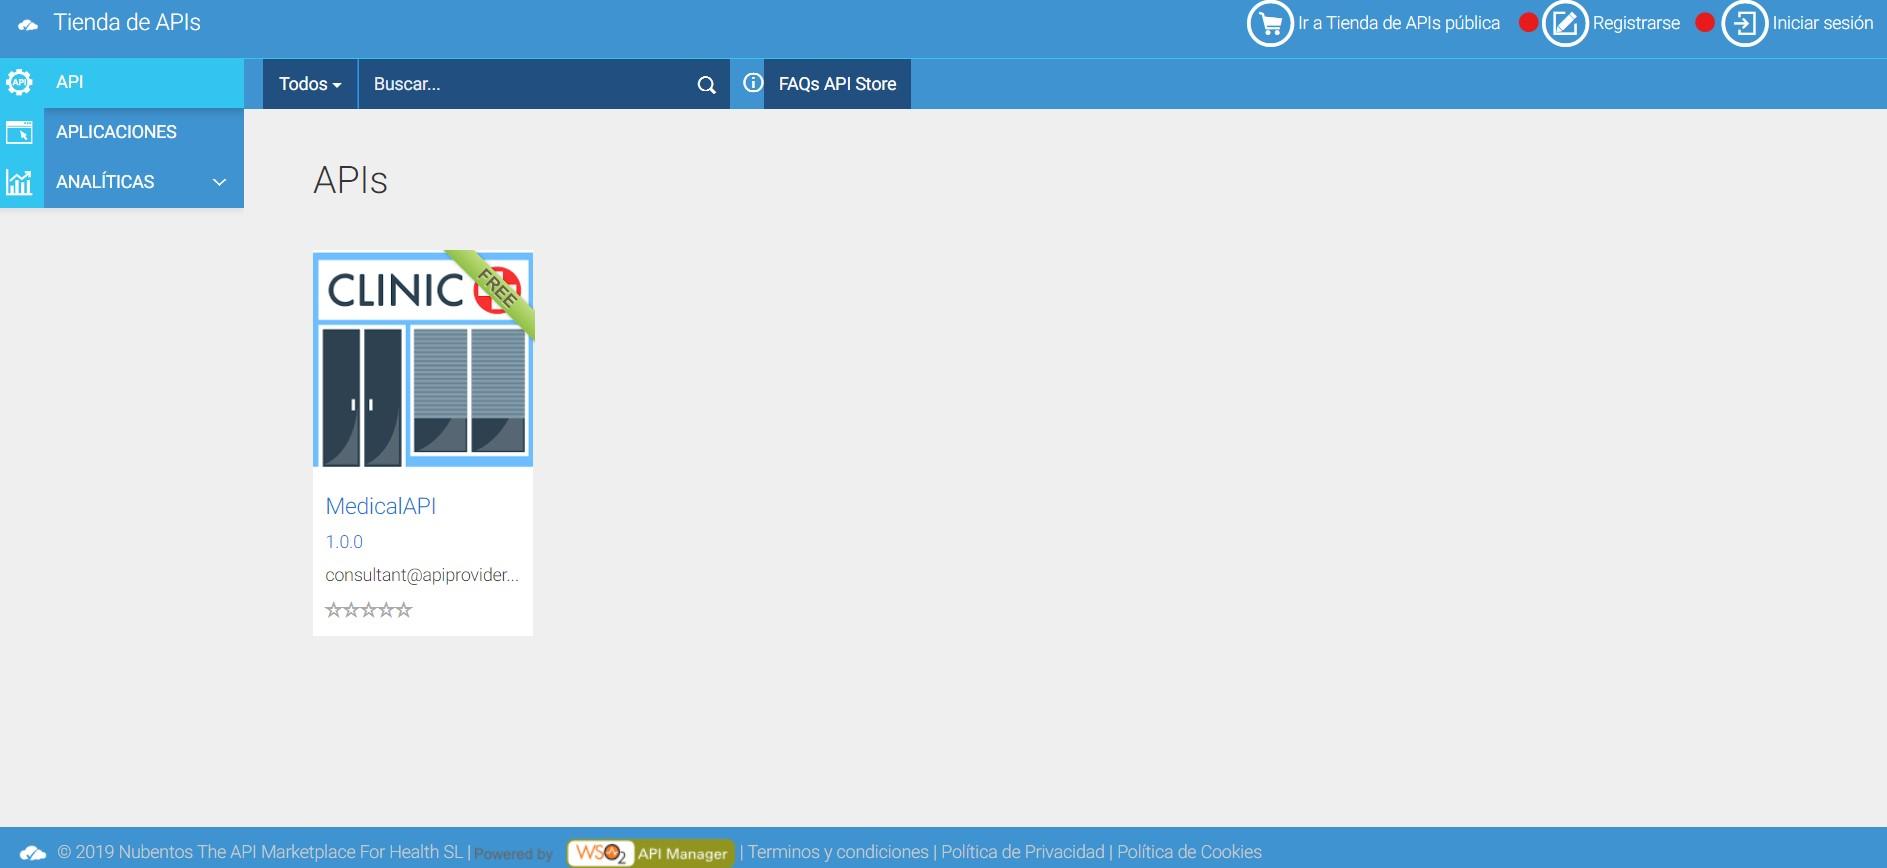 Visitante anonimo API Store